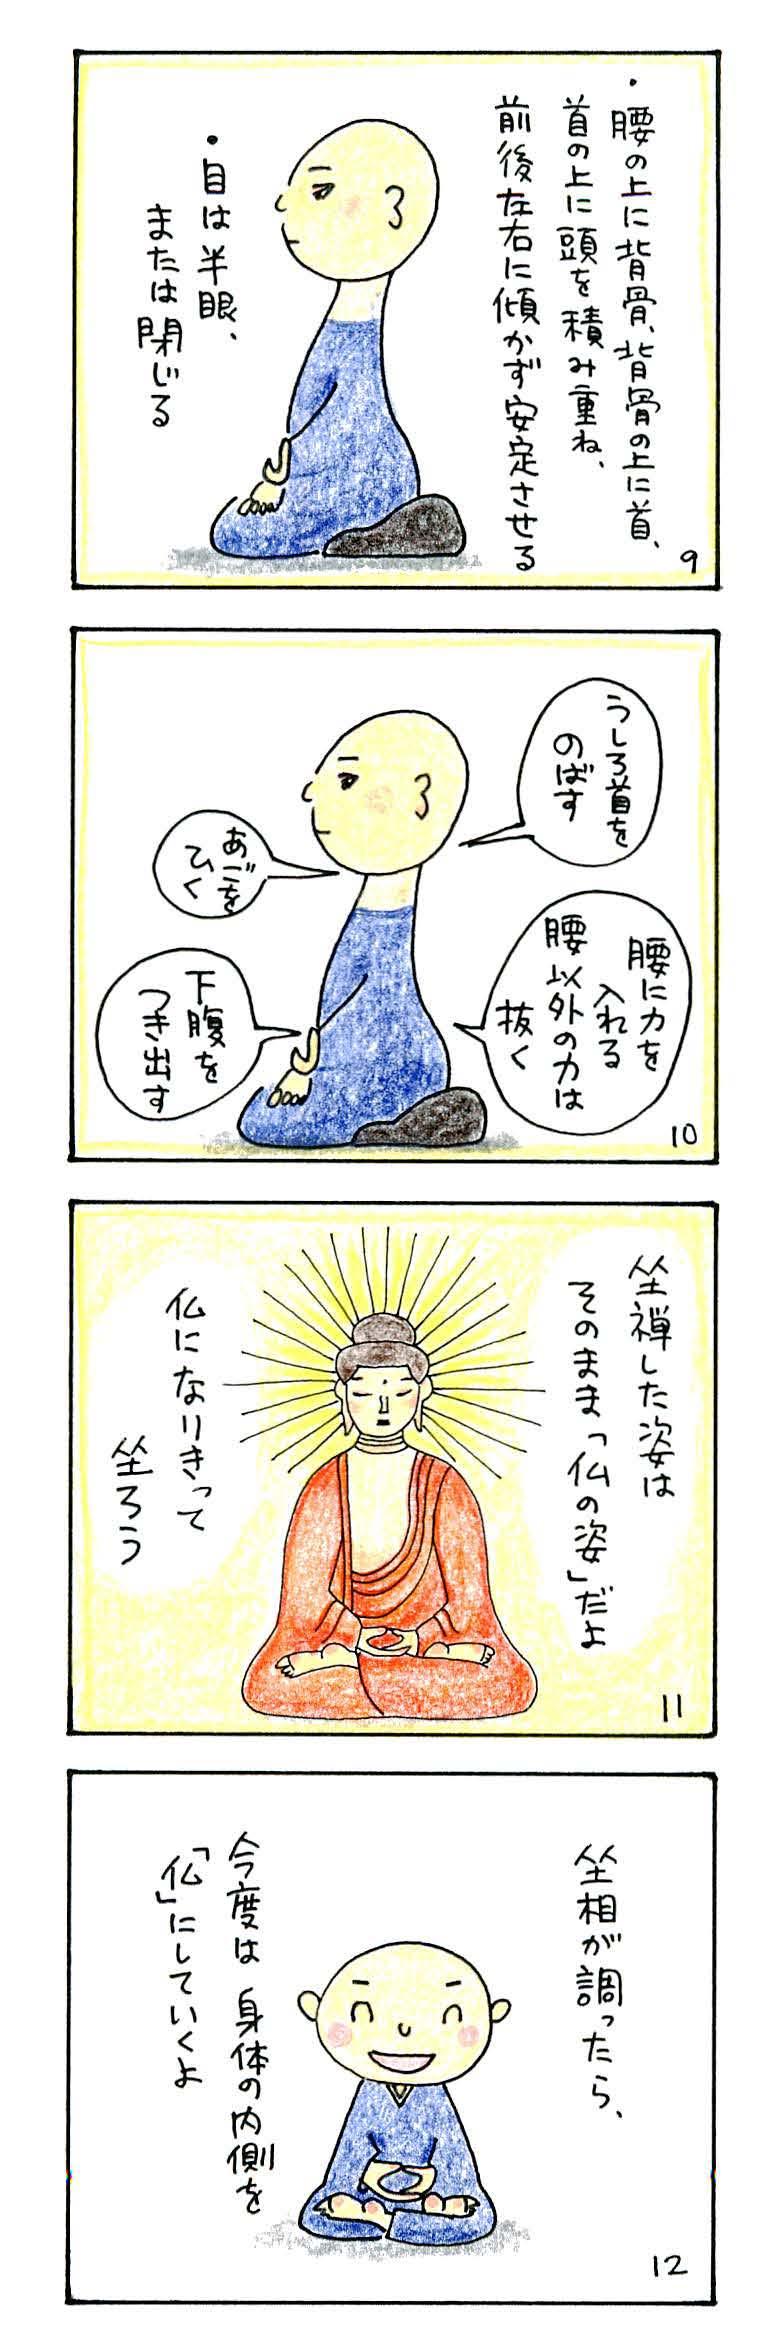 第5話 Let'座禅 「座禅の仕方」p9-p12